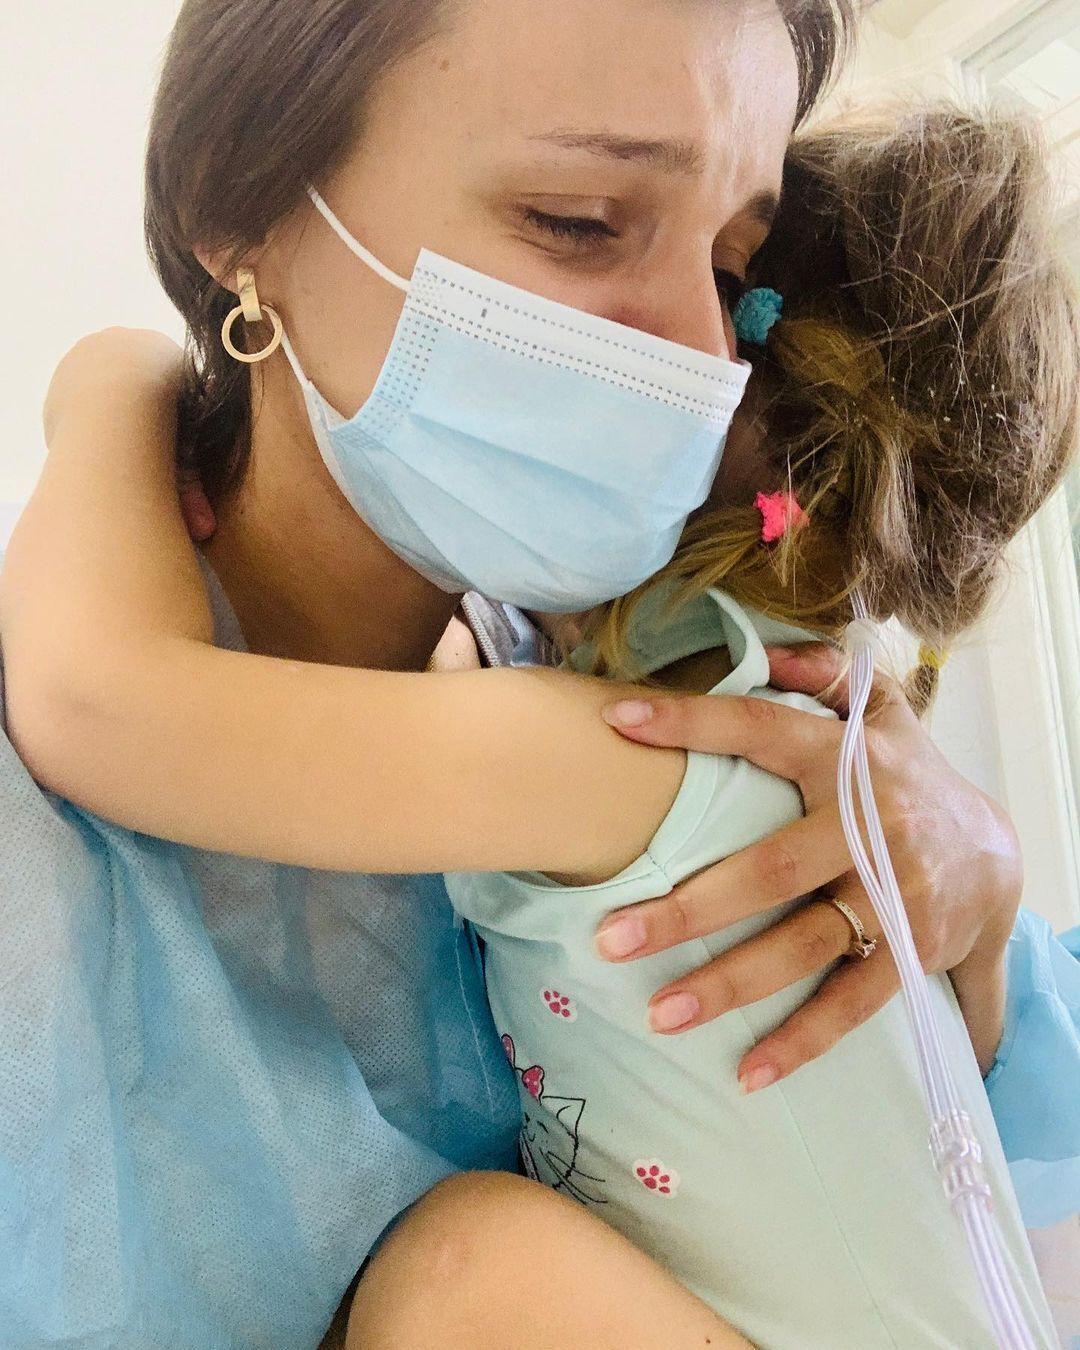 Токарчук разом із донькою в лікарні